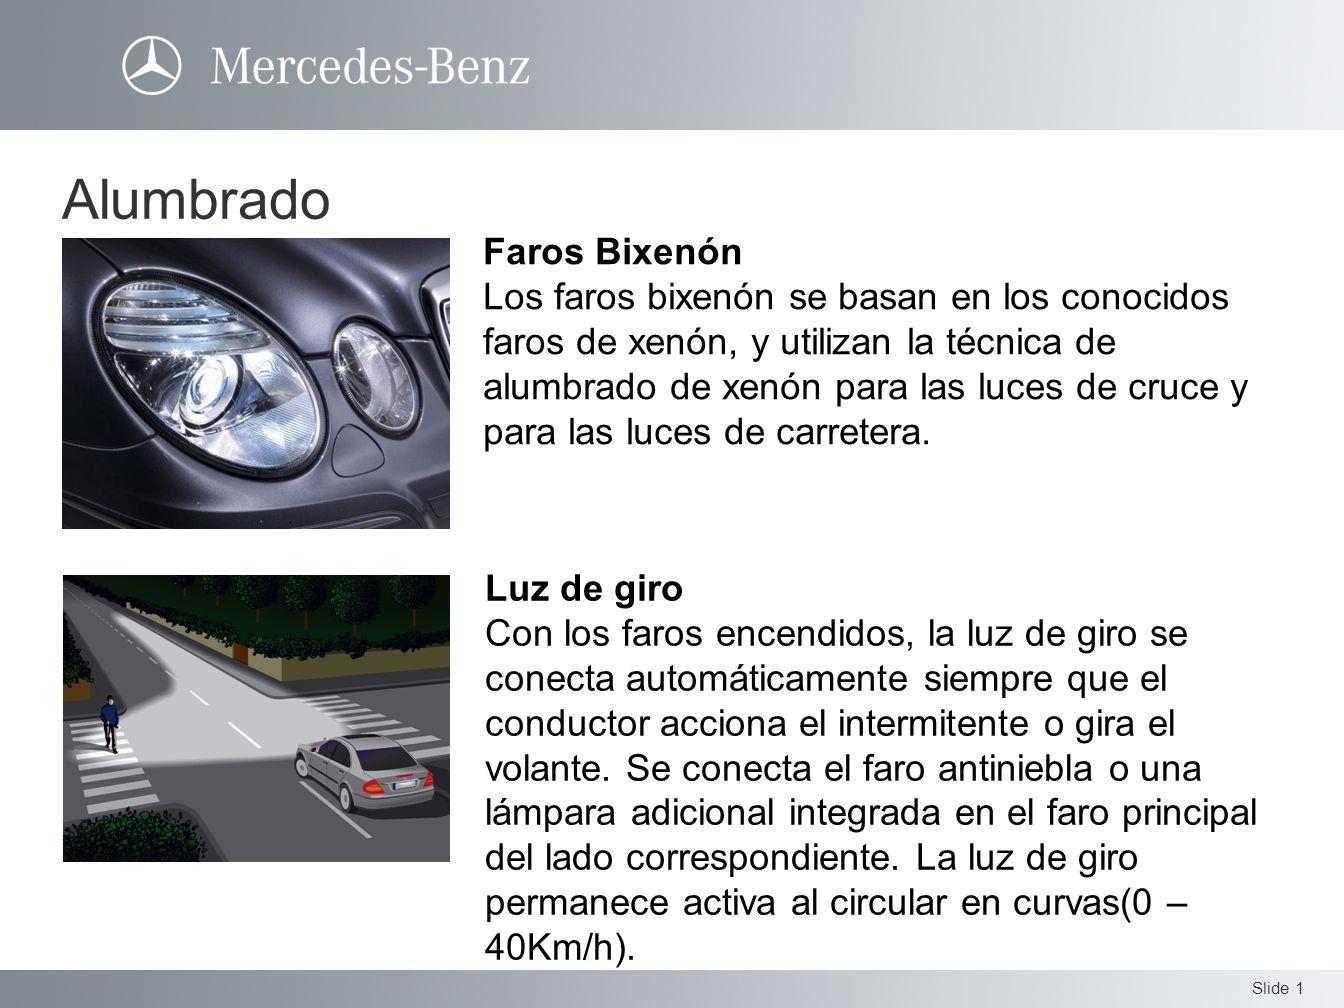 Slide 2 Faros bixenón con Active Light System En los vehículos con luces activas, desarrollados a partir de los faros bixenón, los faros siguen el movimiento del volante.